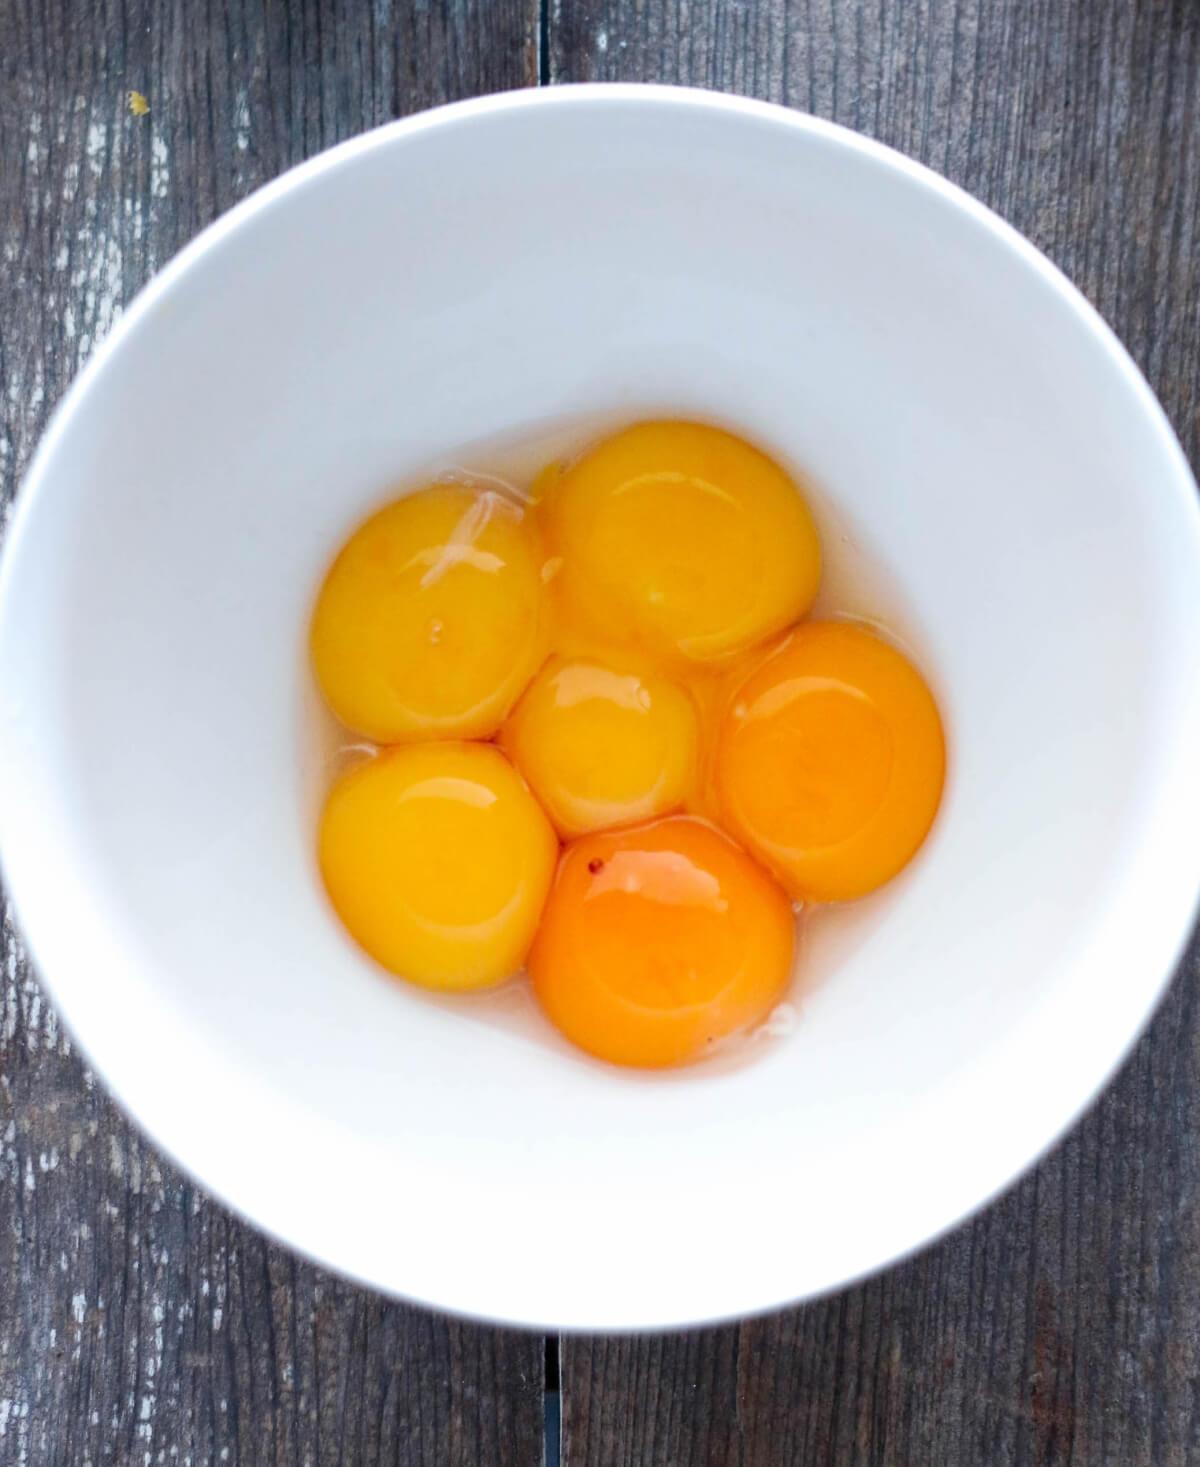 Keto Egg Fast Diet - Egg yolks in white bowl